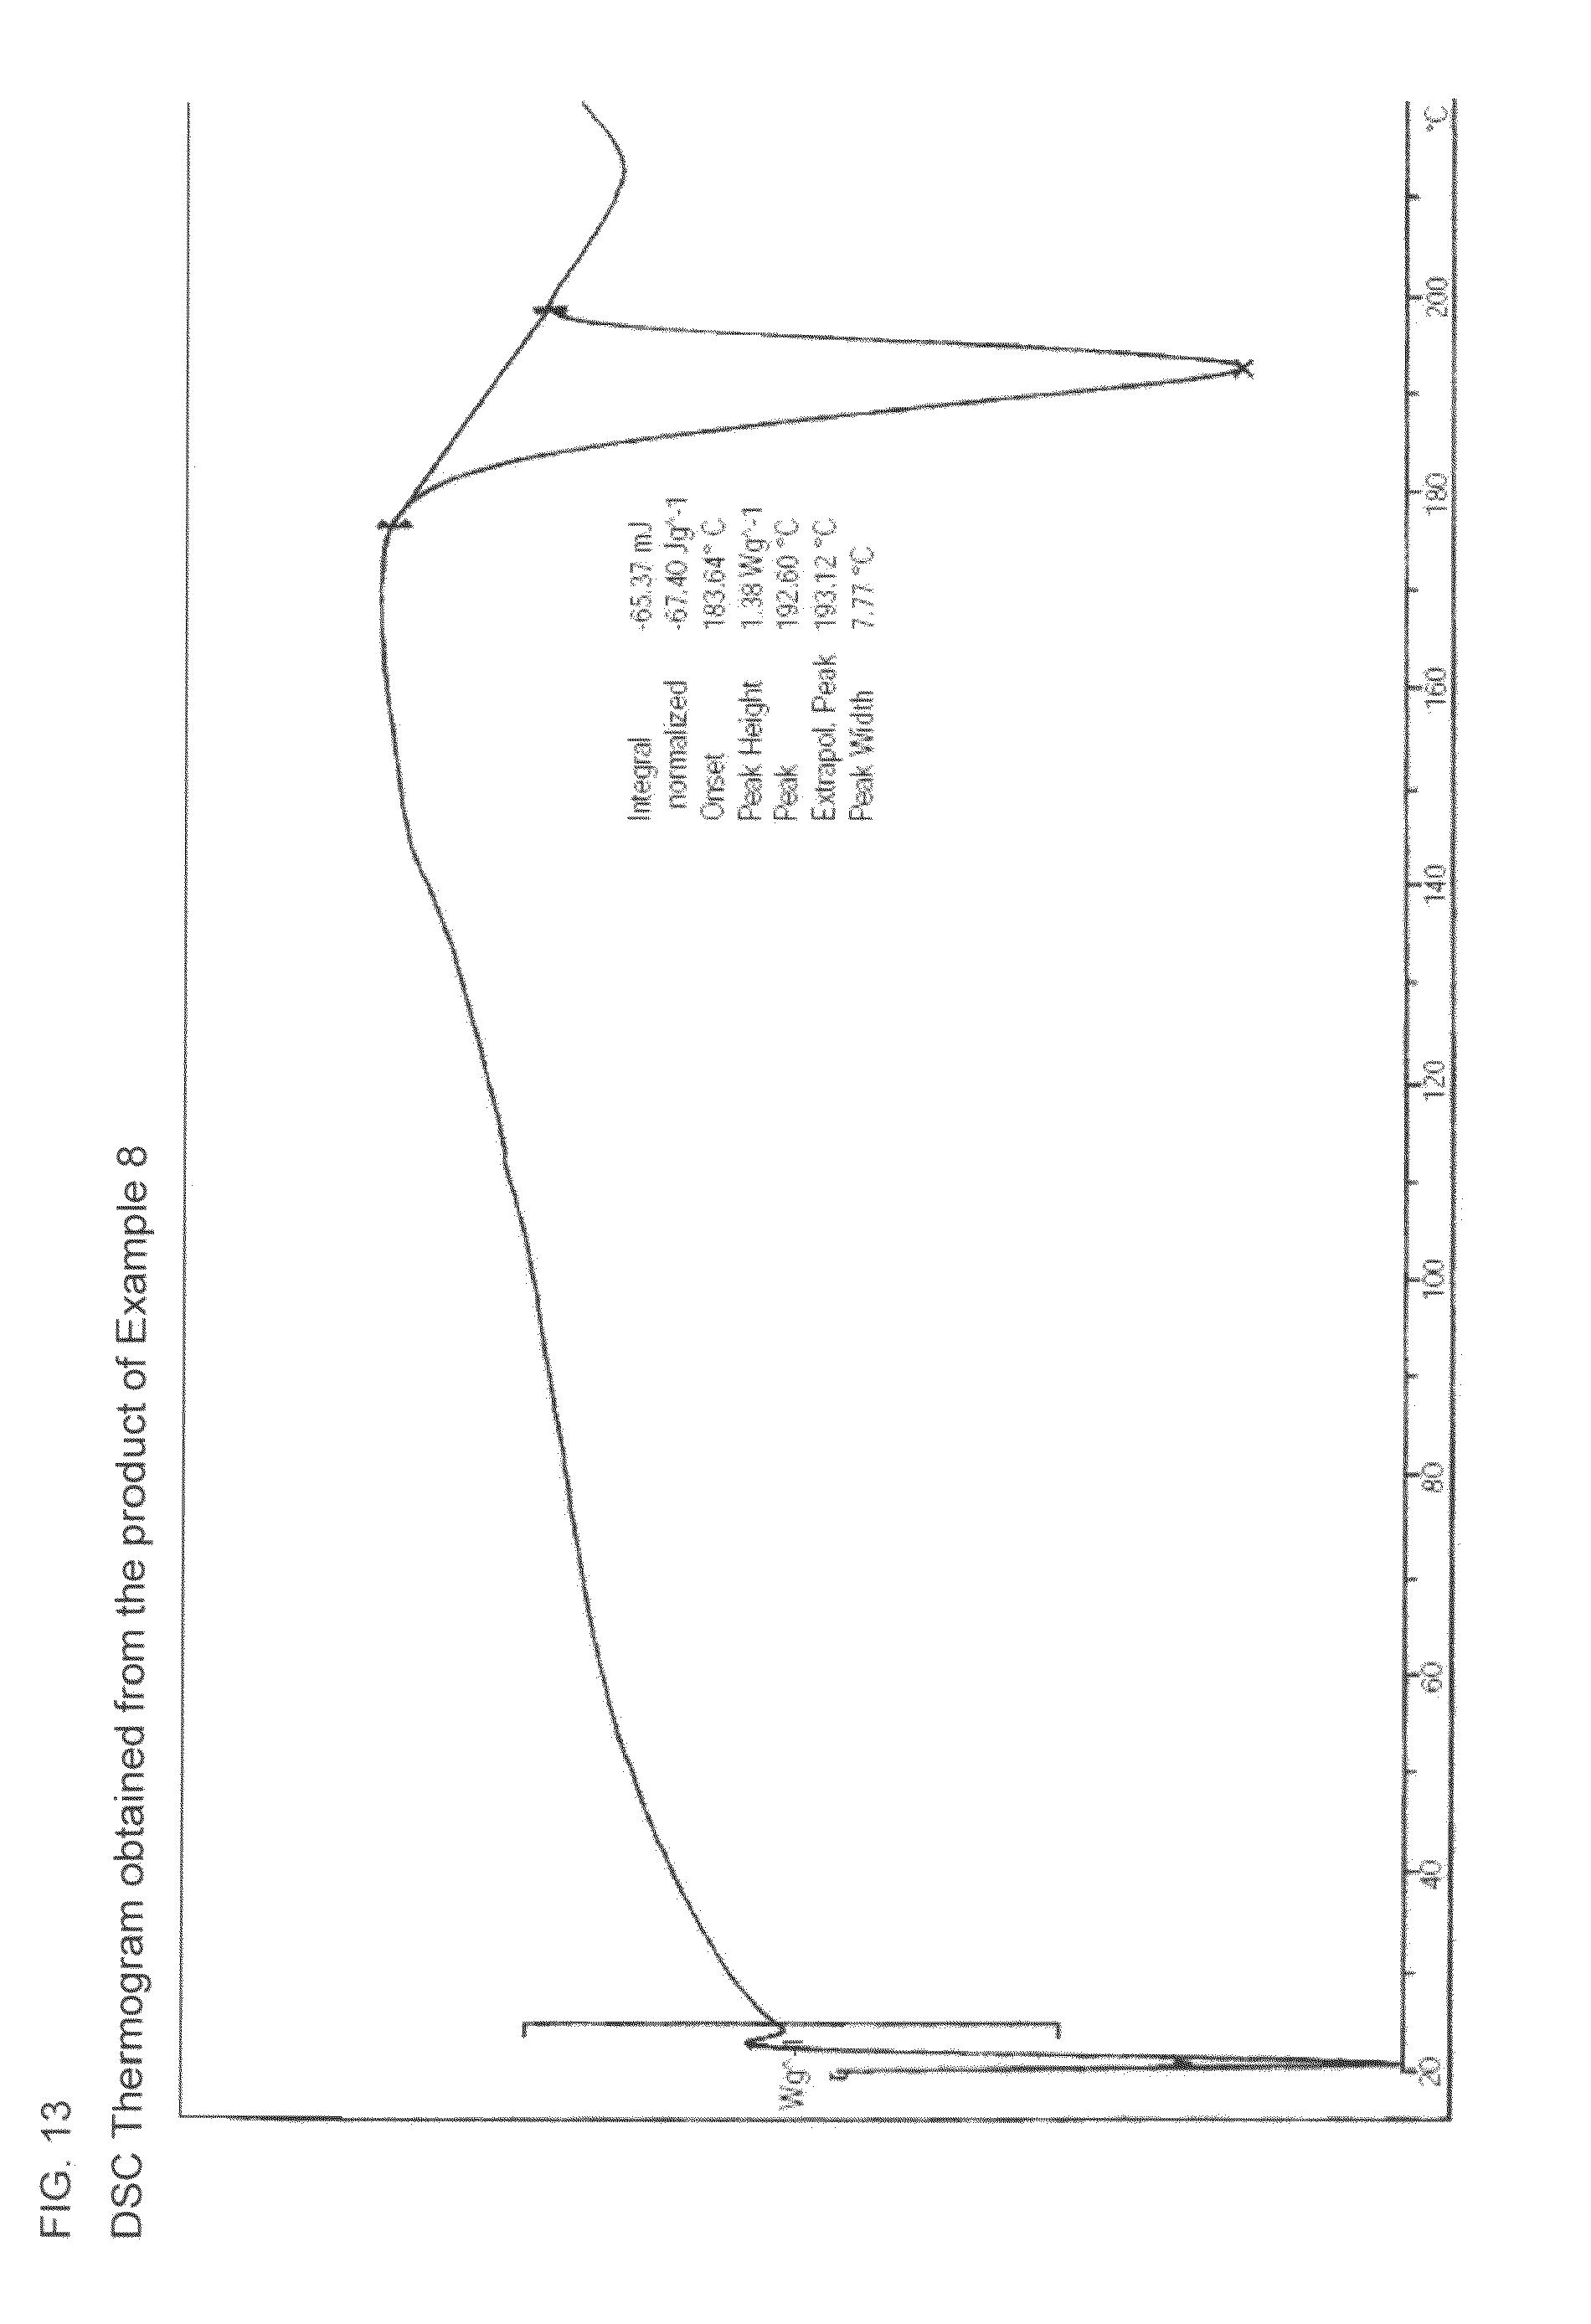 Atorvastatin Calcium Classification